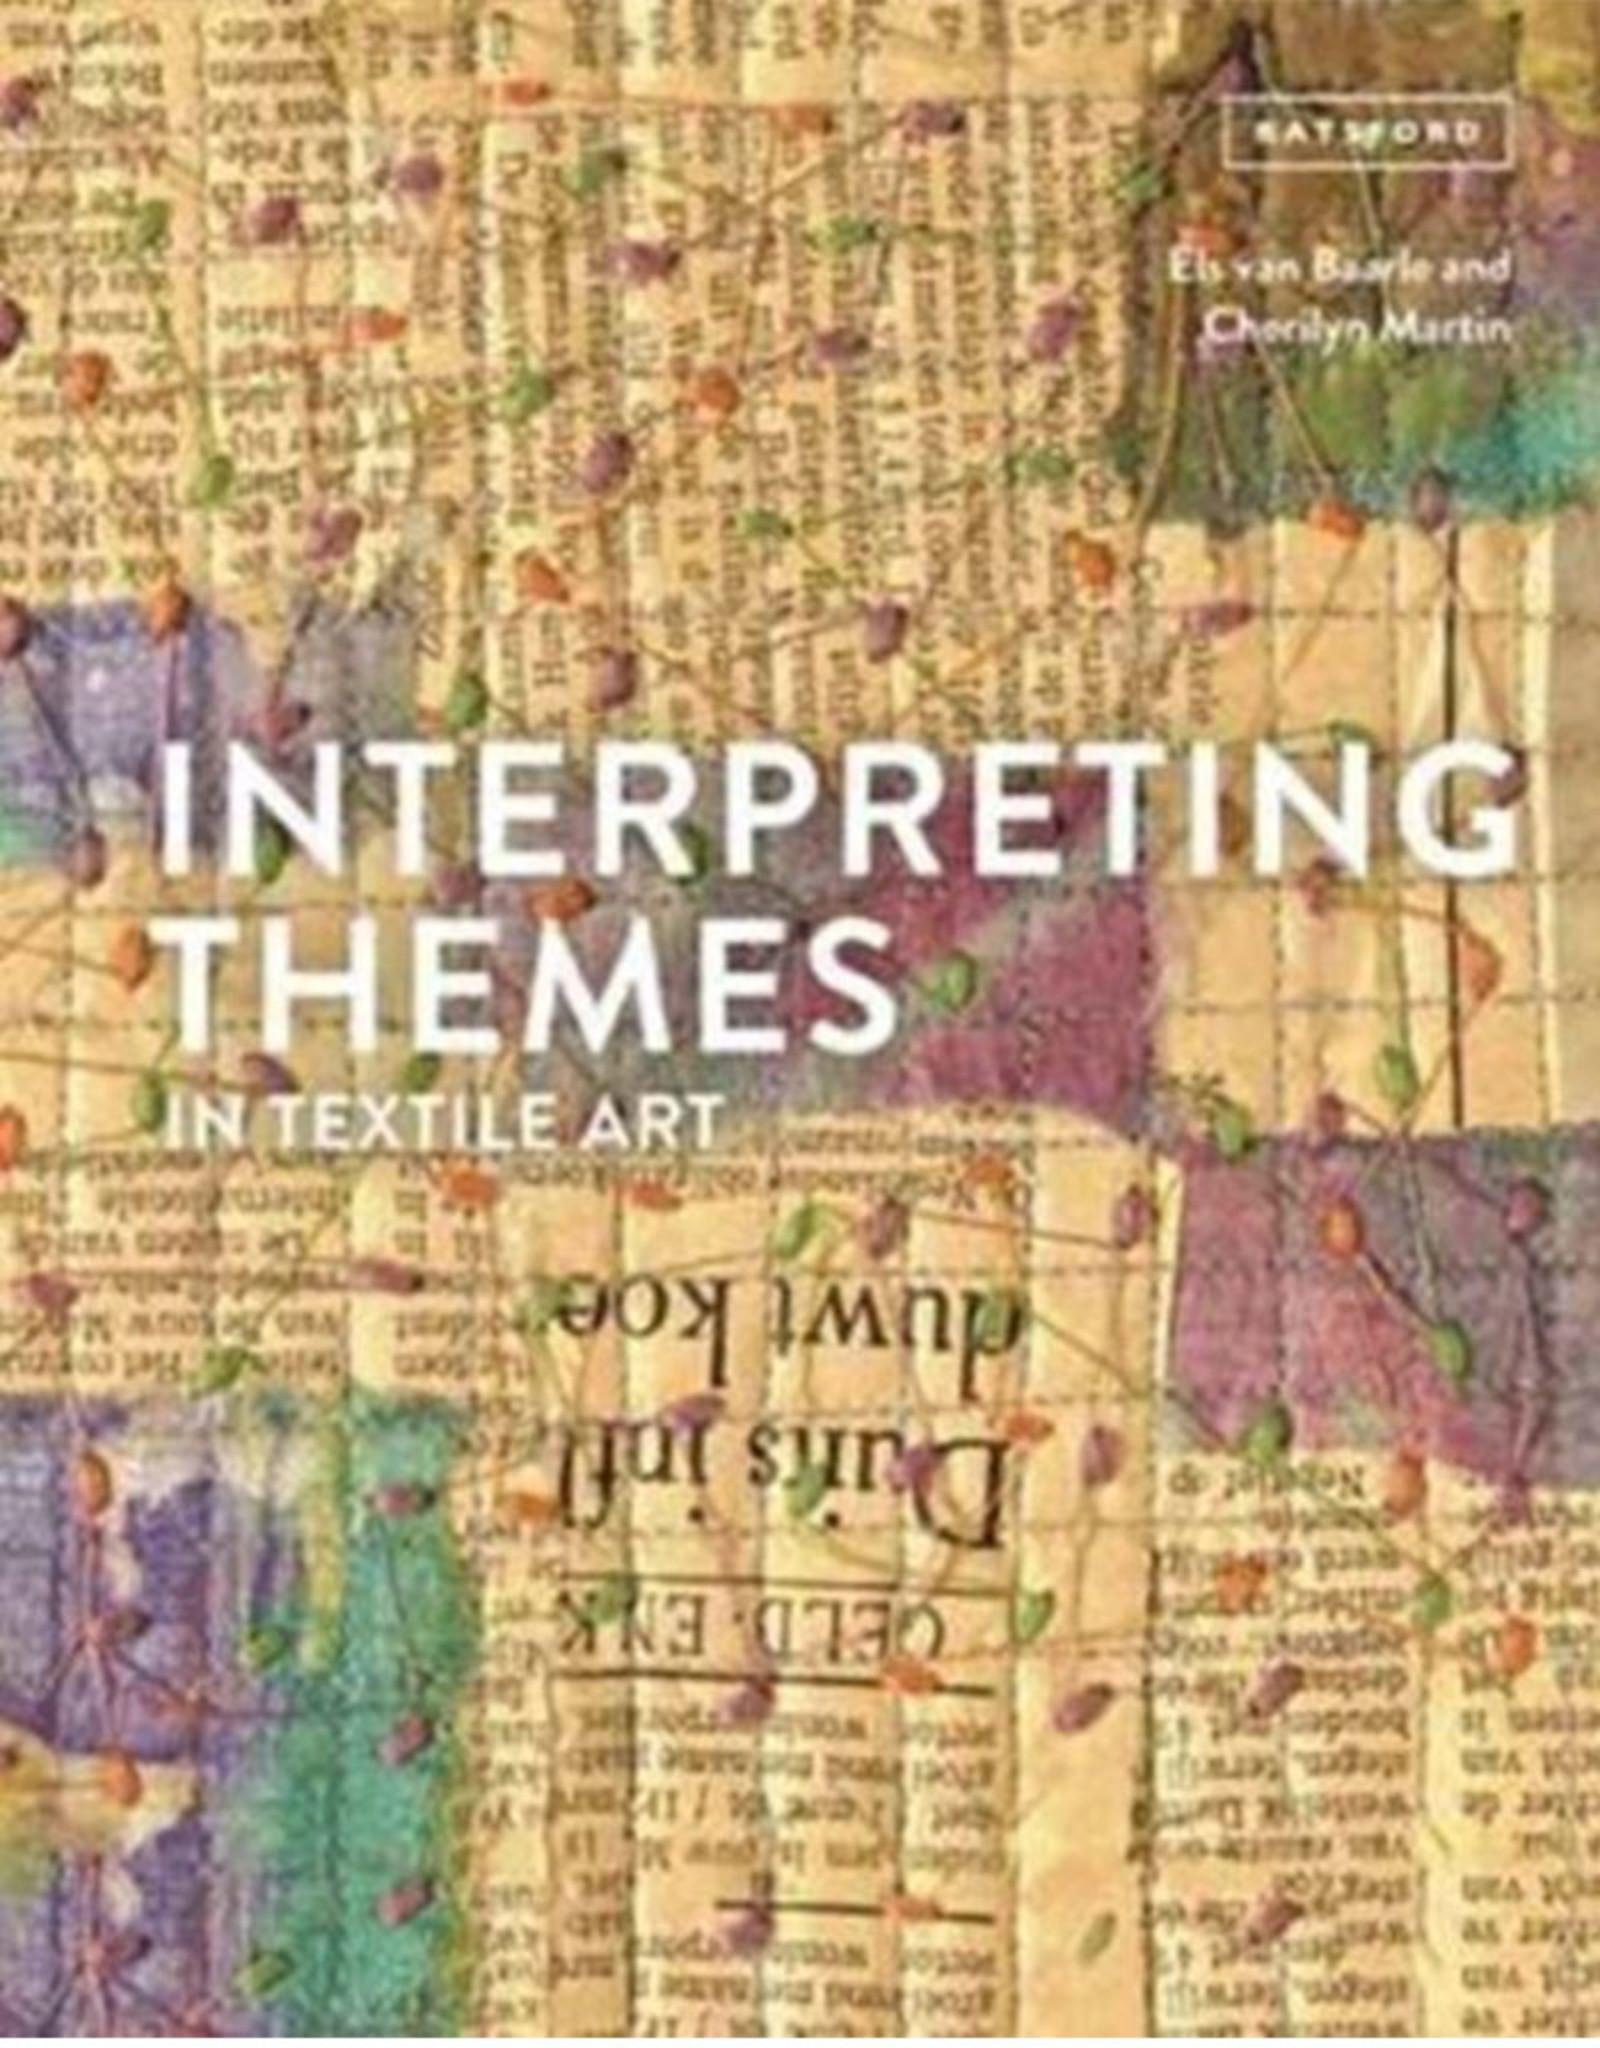 Interpreting Themes in Textile Art / Els van Baarle, Cherilyn Martin